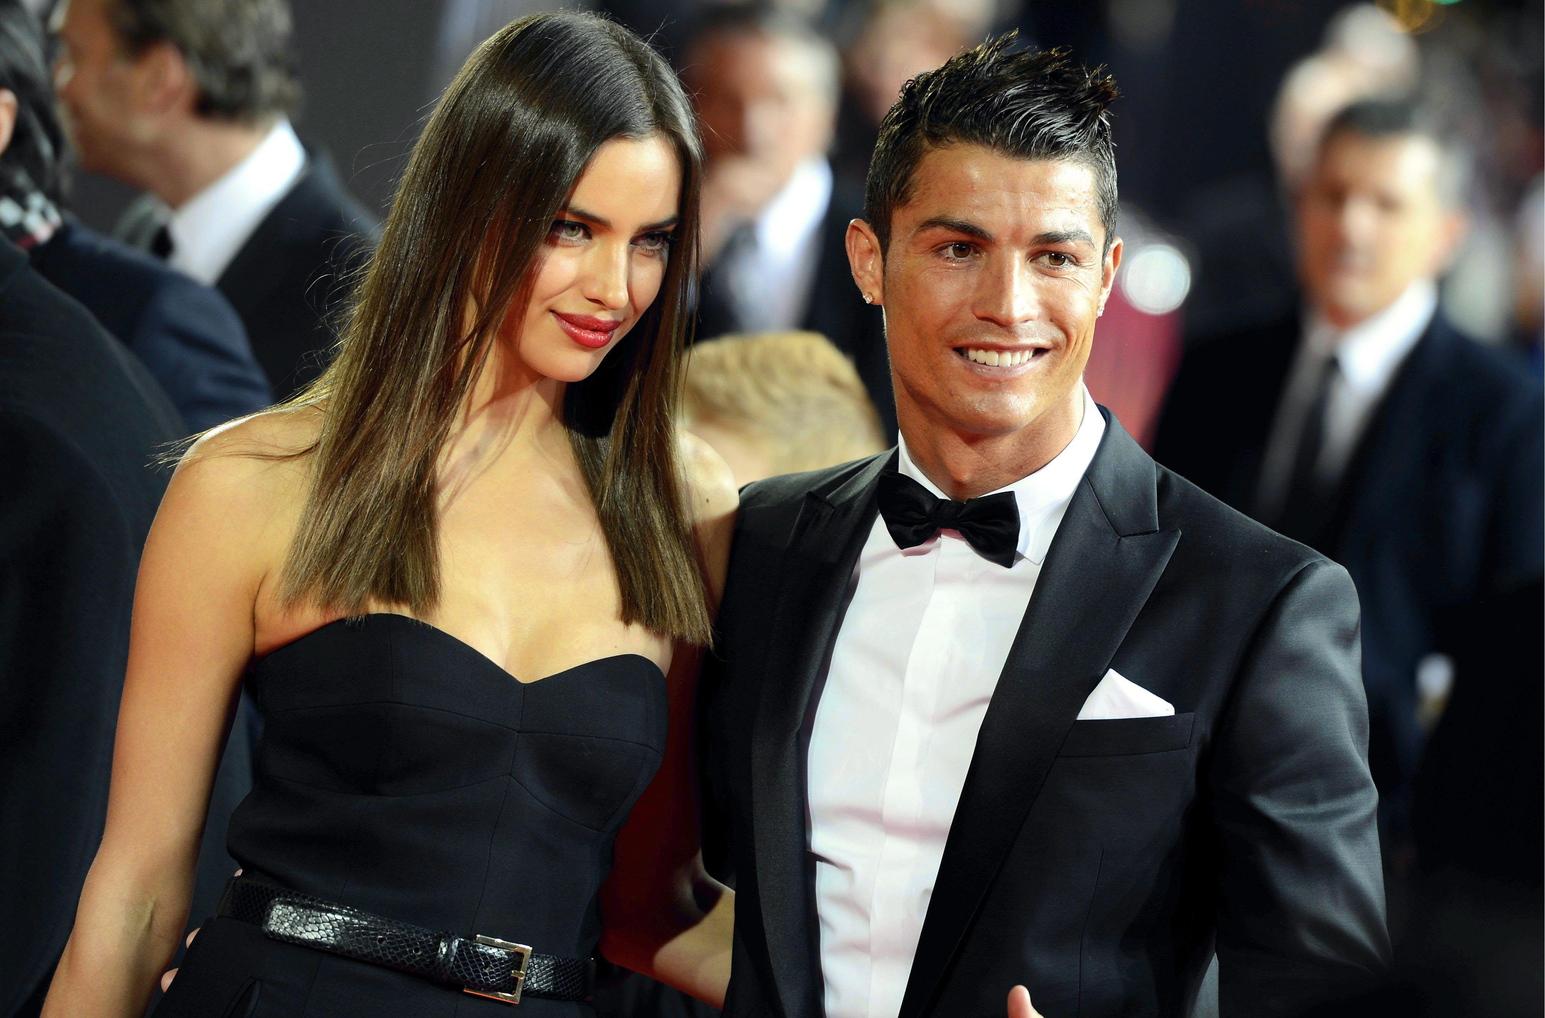 Cristiano Ronaldo és volt barátnőjével, Irina Shayk. Fotó: MTI/EPA